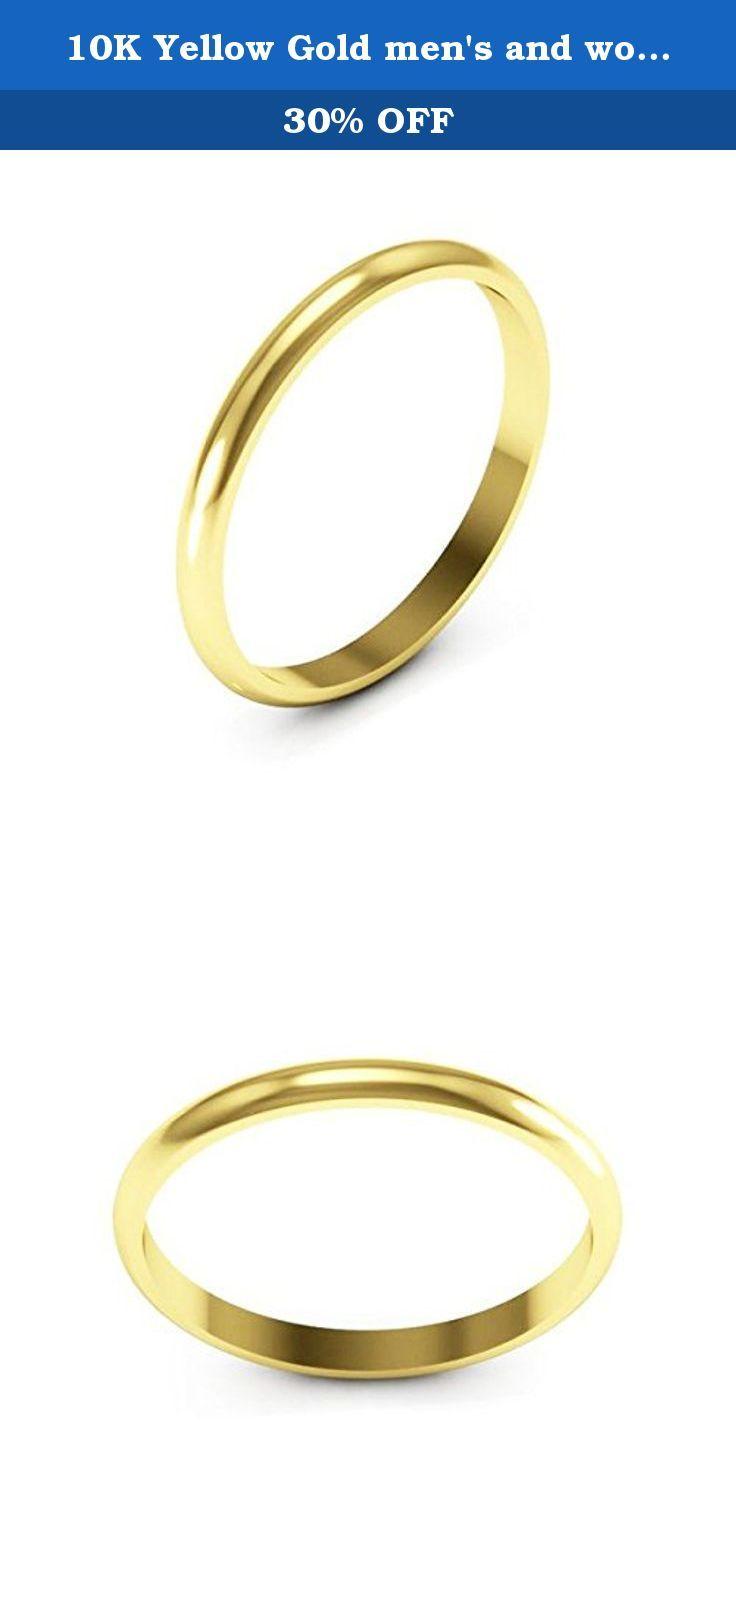 7a3141bdd38 10K Yellow Gold men's and women's plain wedding bands 2mm non ...